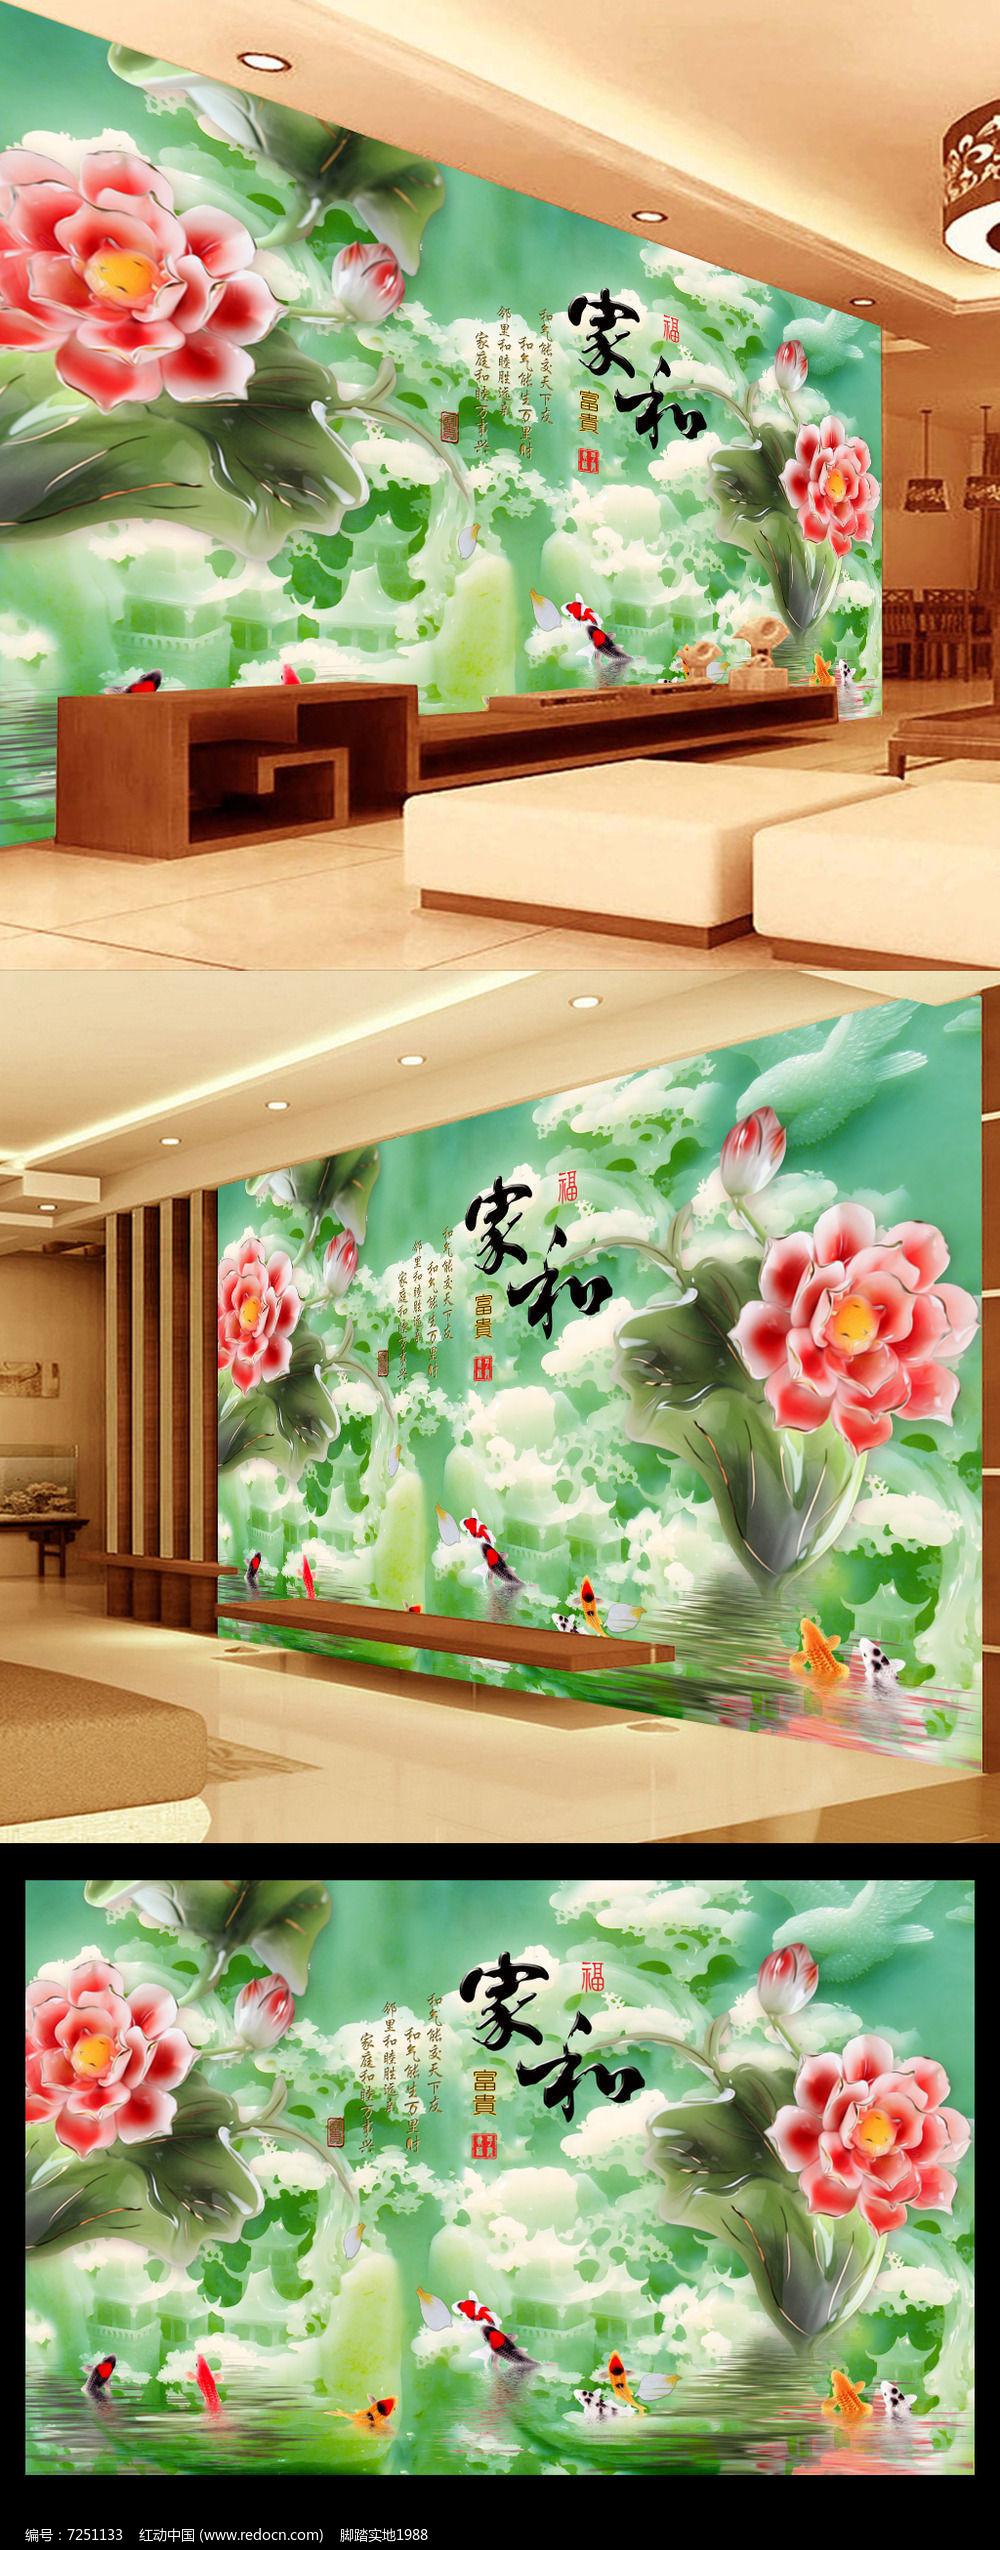 唯美山水情玉雕荷花家和富贵背景墙图片